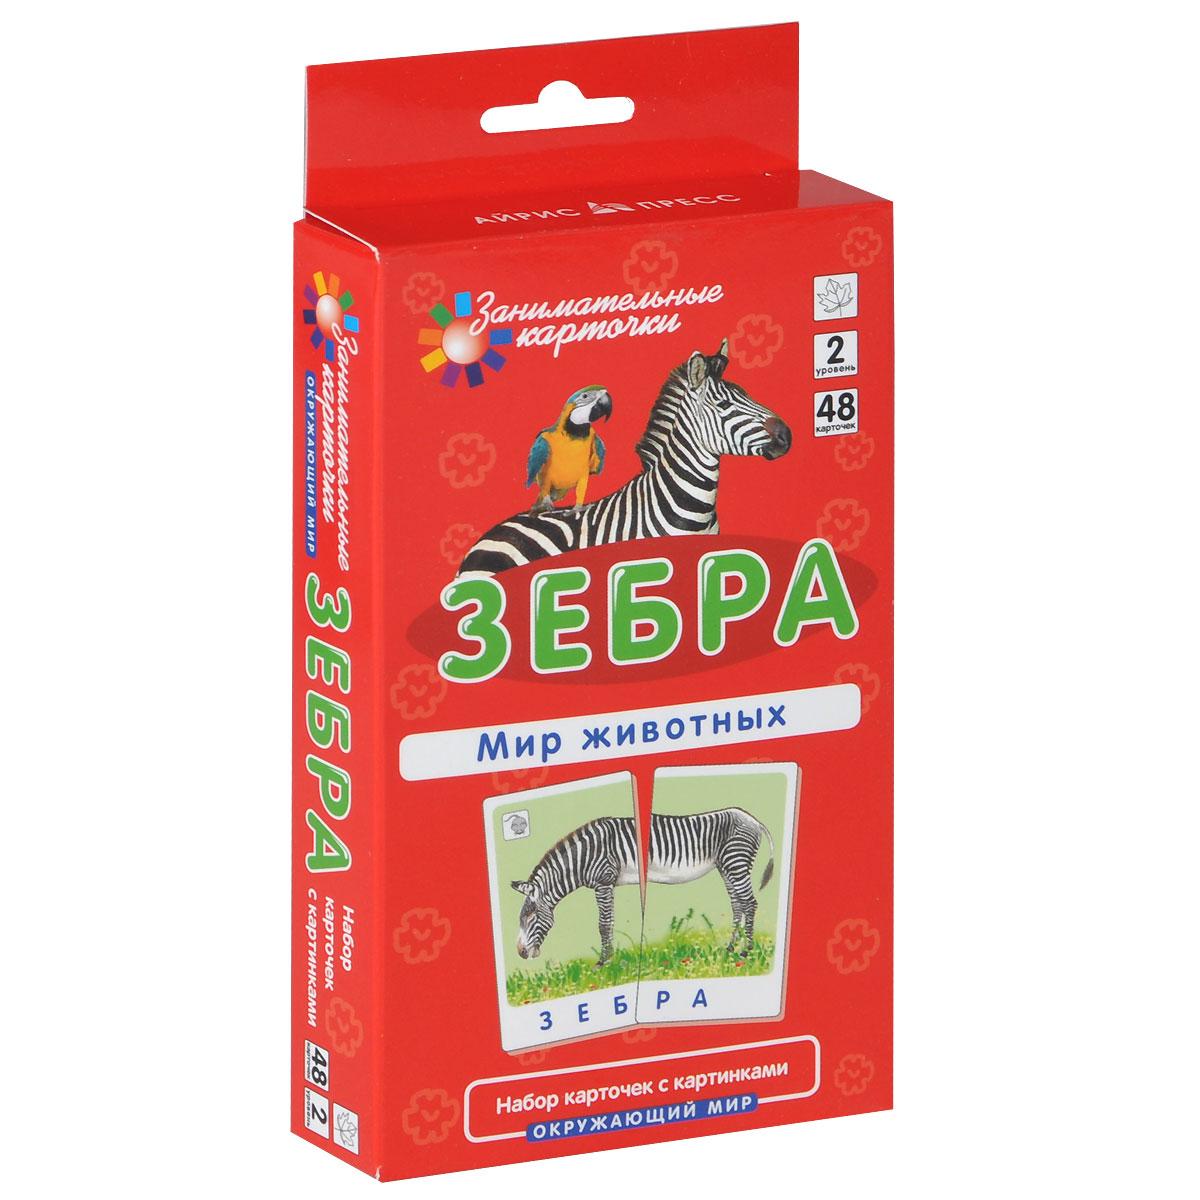 Айрис-пресс Обучающая игра Окружающий мир Мир животных Зебра978-5-8112-5084-4Набор состоит из 48 карточек, которые могут использоваться с двух сторон. Определяем животное по рисунку (цветная сторона карточек). Предложите ребёнку из шести карточек выбрать две, составить из них целую картинку и определить, какое животное изображено. Если ребёнок умеет читать, пусть сам прочитает название животного. Обратите его внимание на пиктограммы на левой половине карточки, попросите ребёнка охарактеризовать животное с опорой на пиктограммы. Чей след? (чёрно-белая сторона карточек). Выберите любую карточку с изображением животного и 3-4 карточки с изображениями следов. Попросите ребёнка подобрать к животному его след. Постепенно усложняйте задания, увеличивая количество карточек в игре. Для закрепления учебного материала предлагаются шесть тестовых карточек.